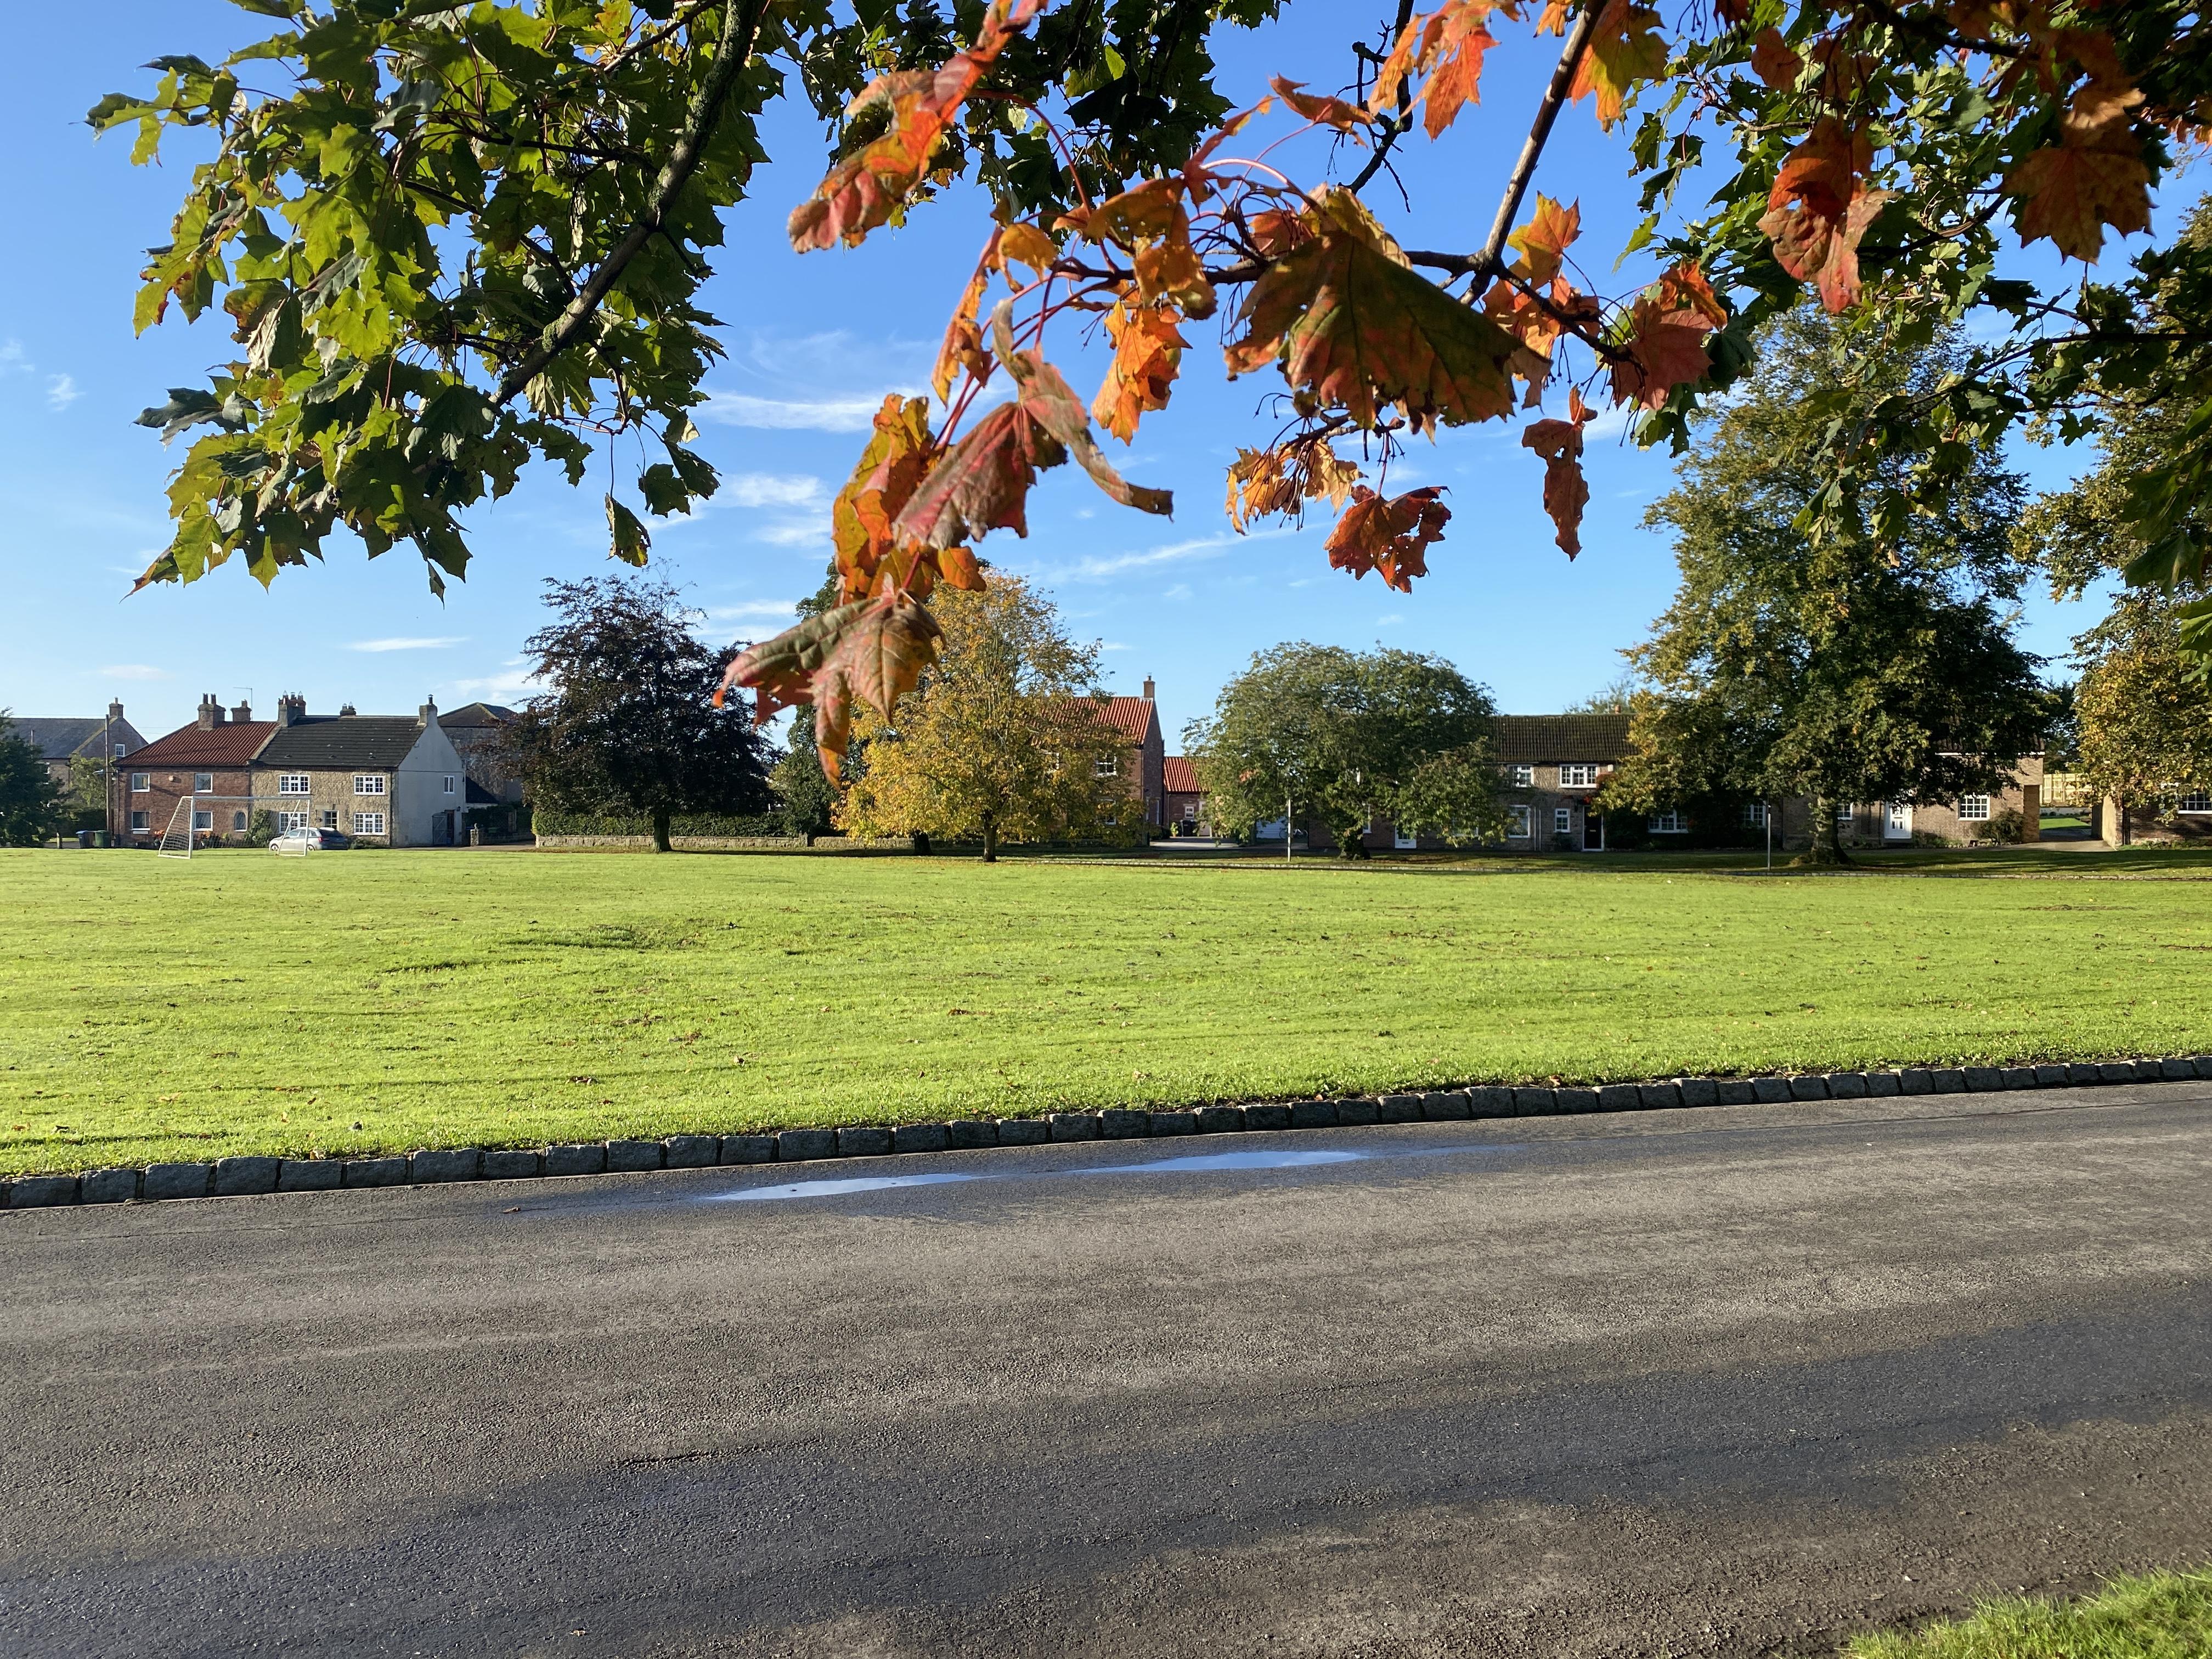 Autumn on the green